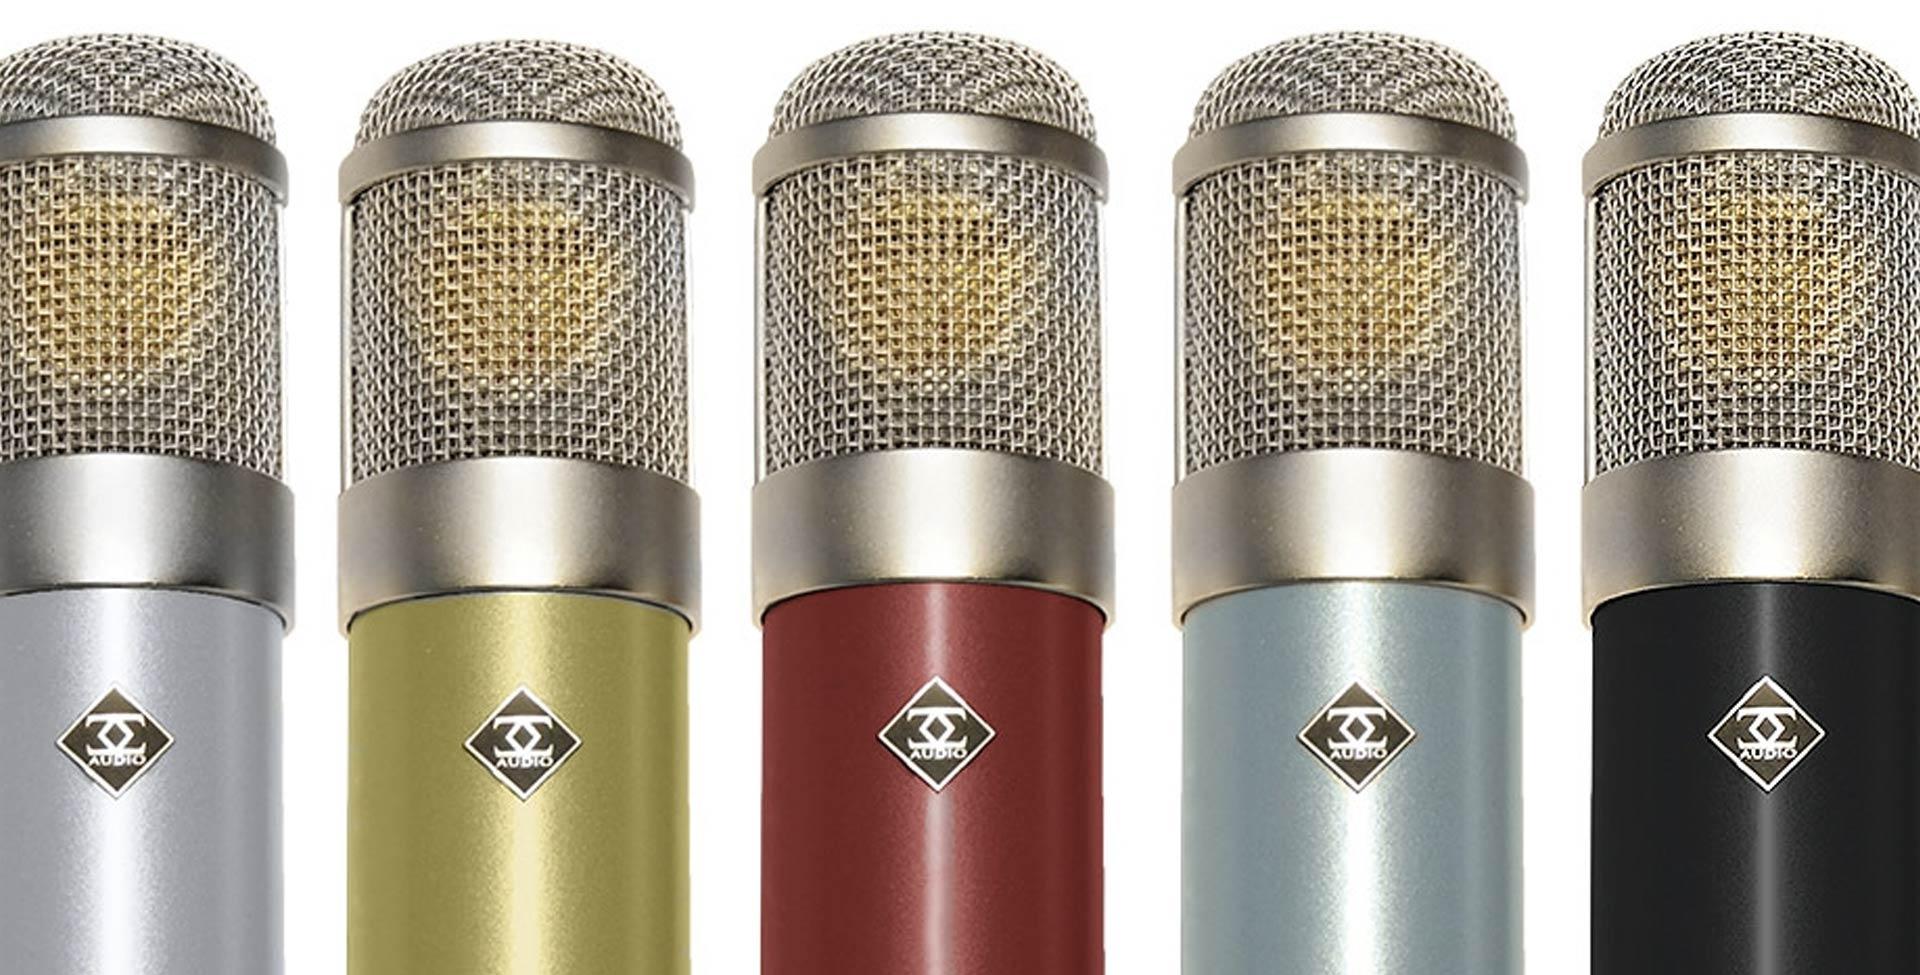 ADK Microphones